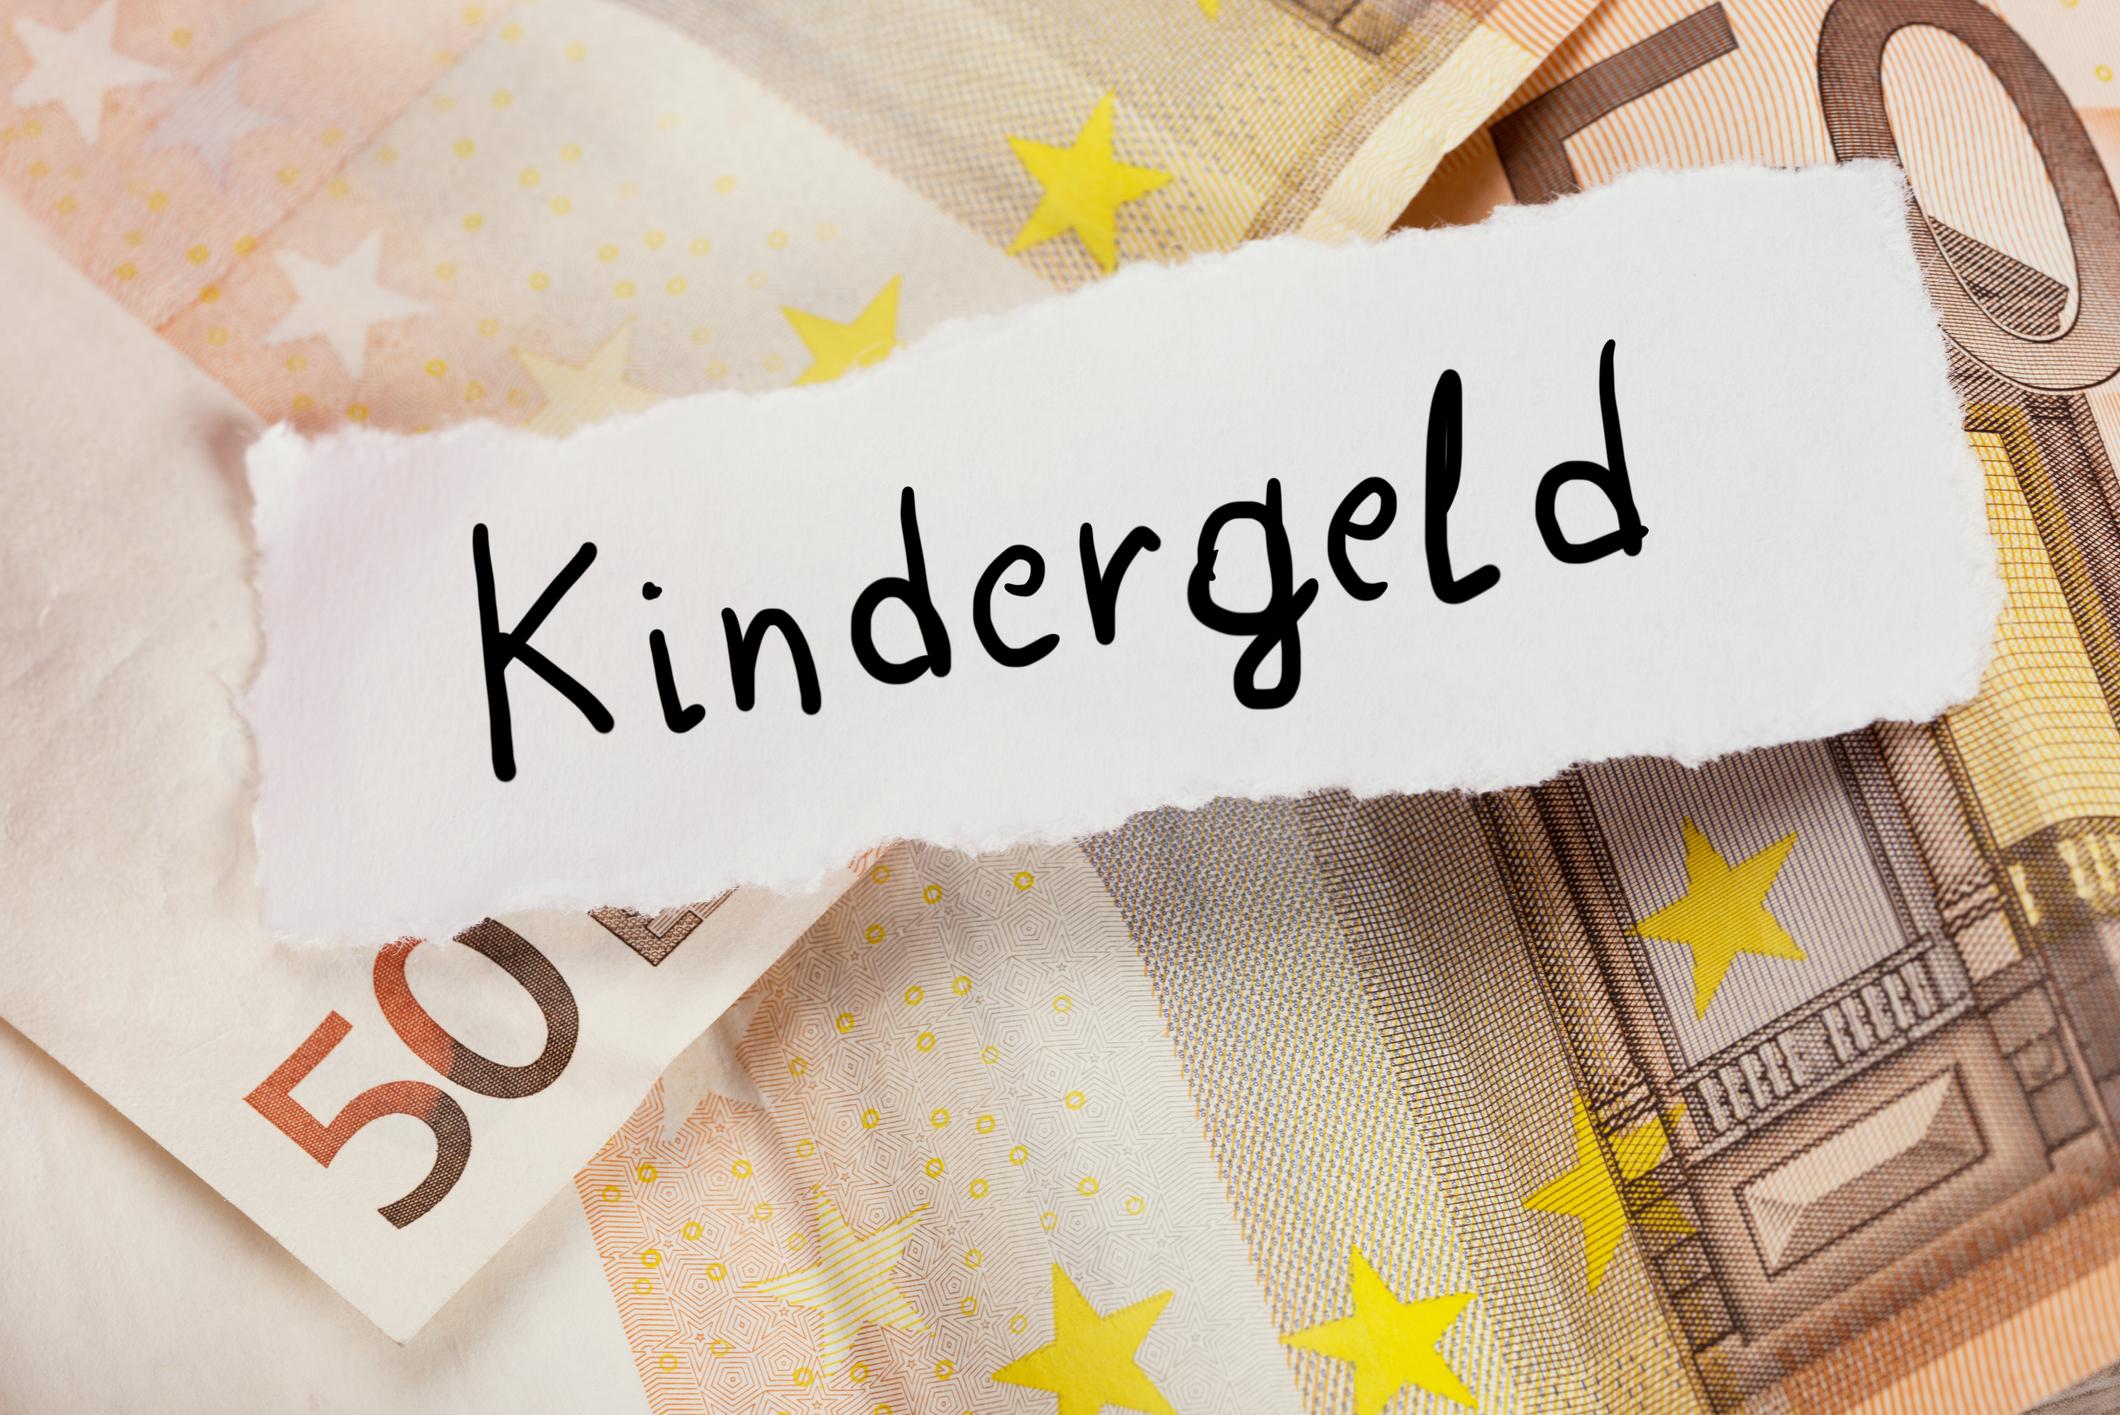 Pole bezieht Kindergeld in Polen und Deutschland – Jetzt muss er zurückzahlen